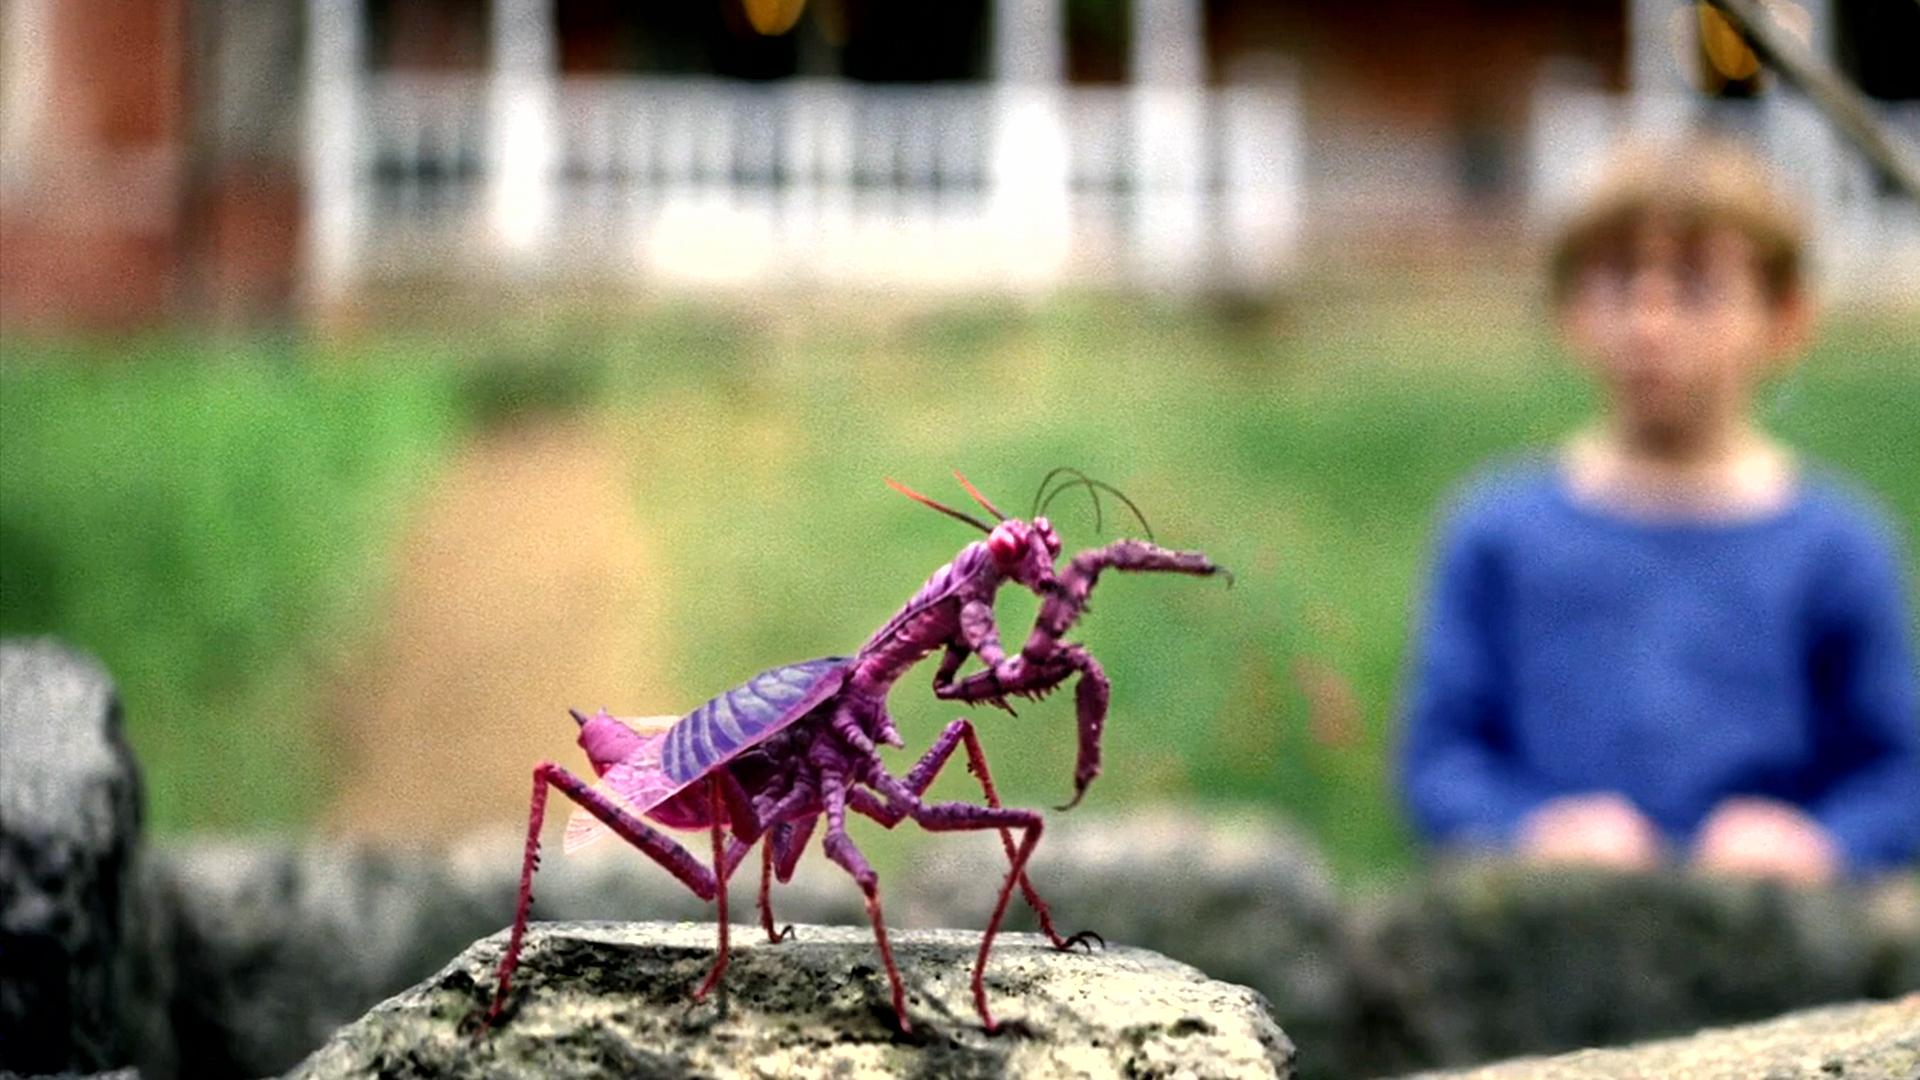 农场里落下一颗紫色陨石,结果导致附近生物全部变异,科幻电影